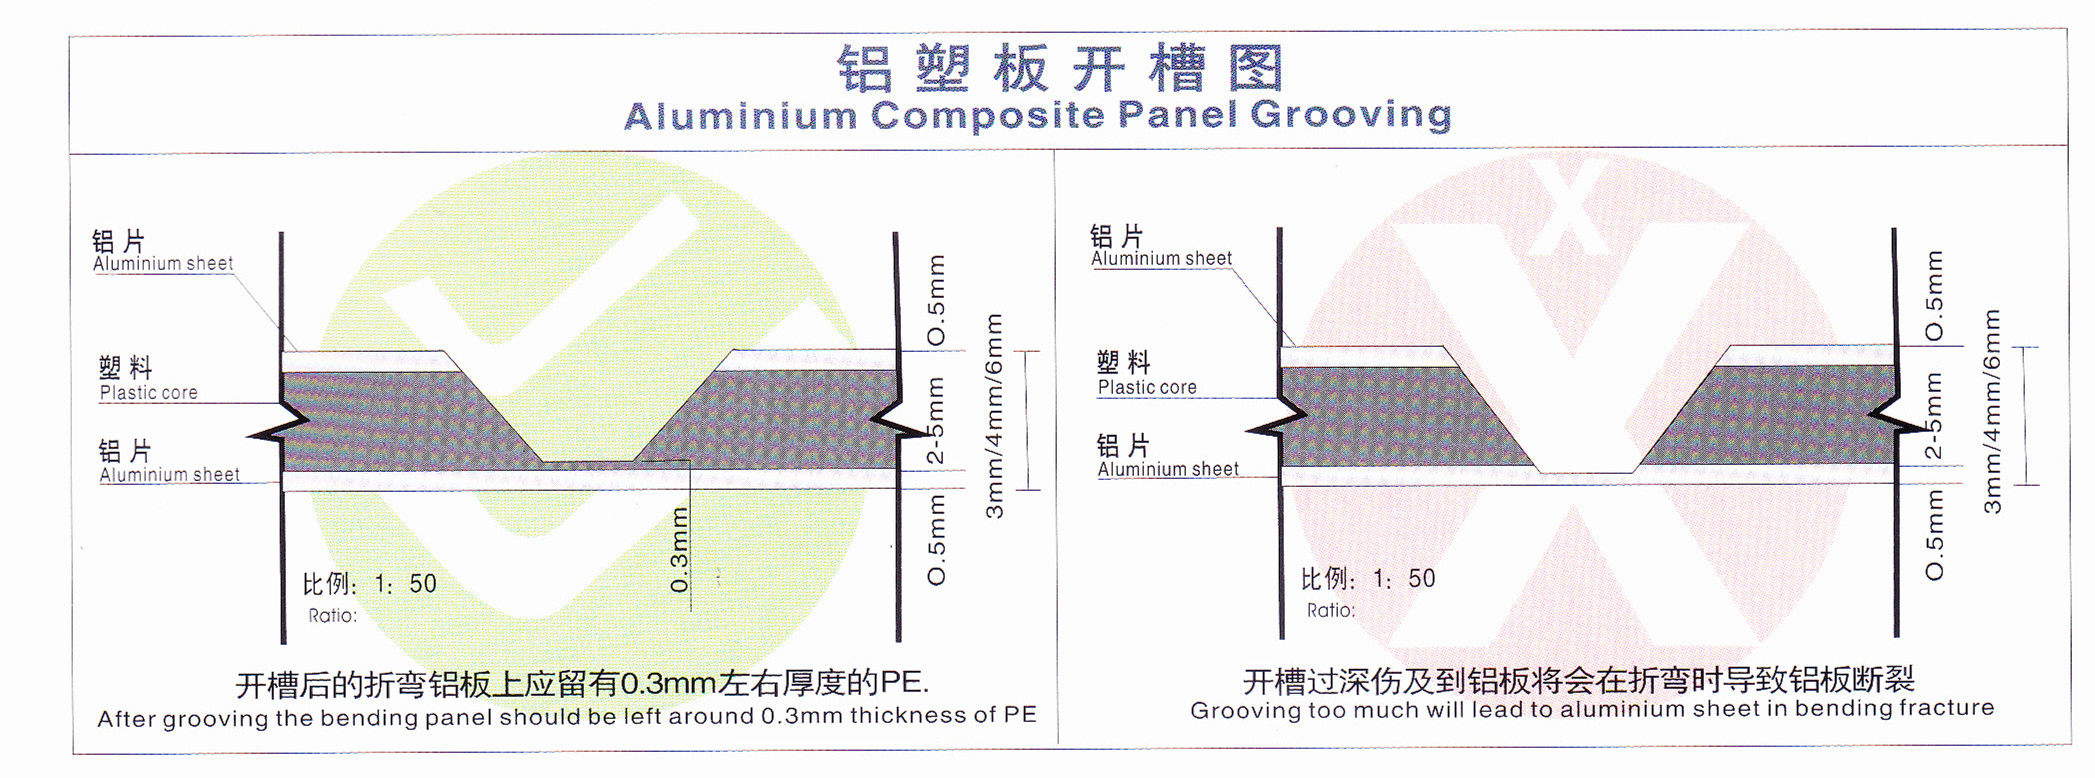 Panel compuesto de aluminio grooving.jpg